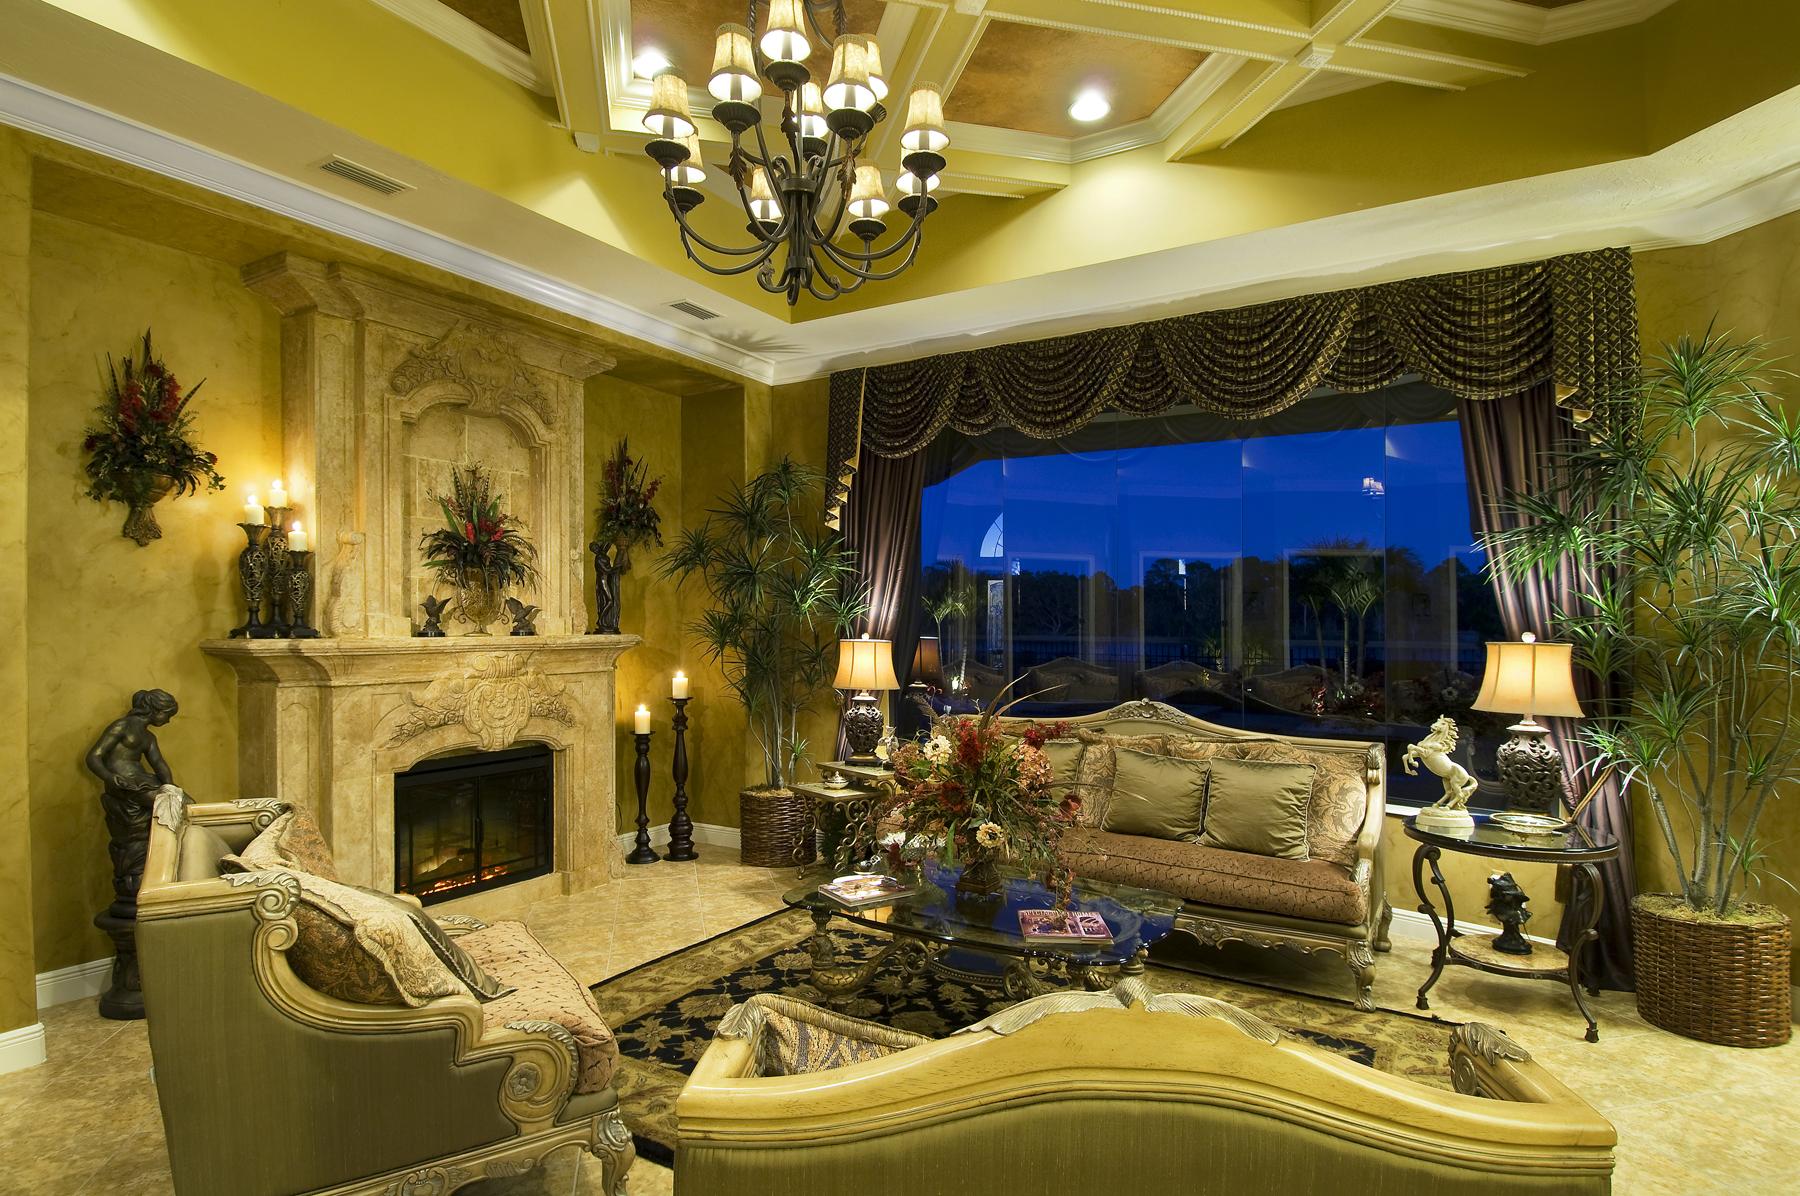 How do decorate interior  ViahouseCom